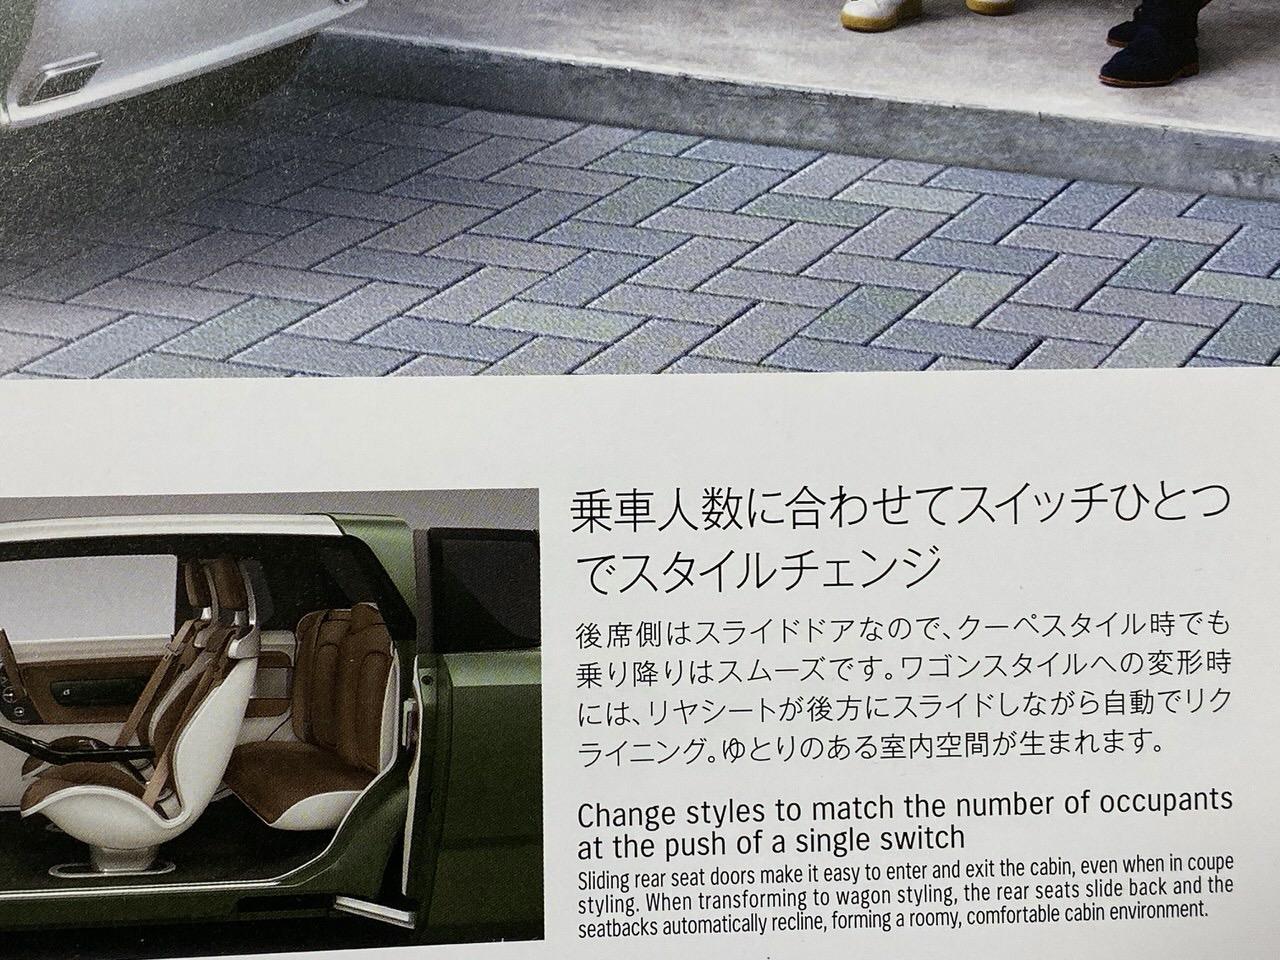 スズキブース・東京モーターショー 8